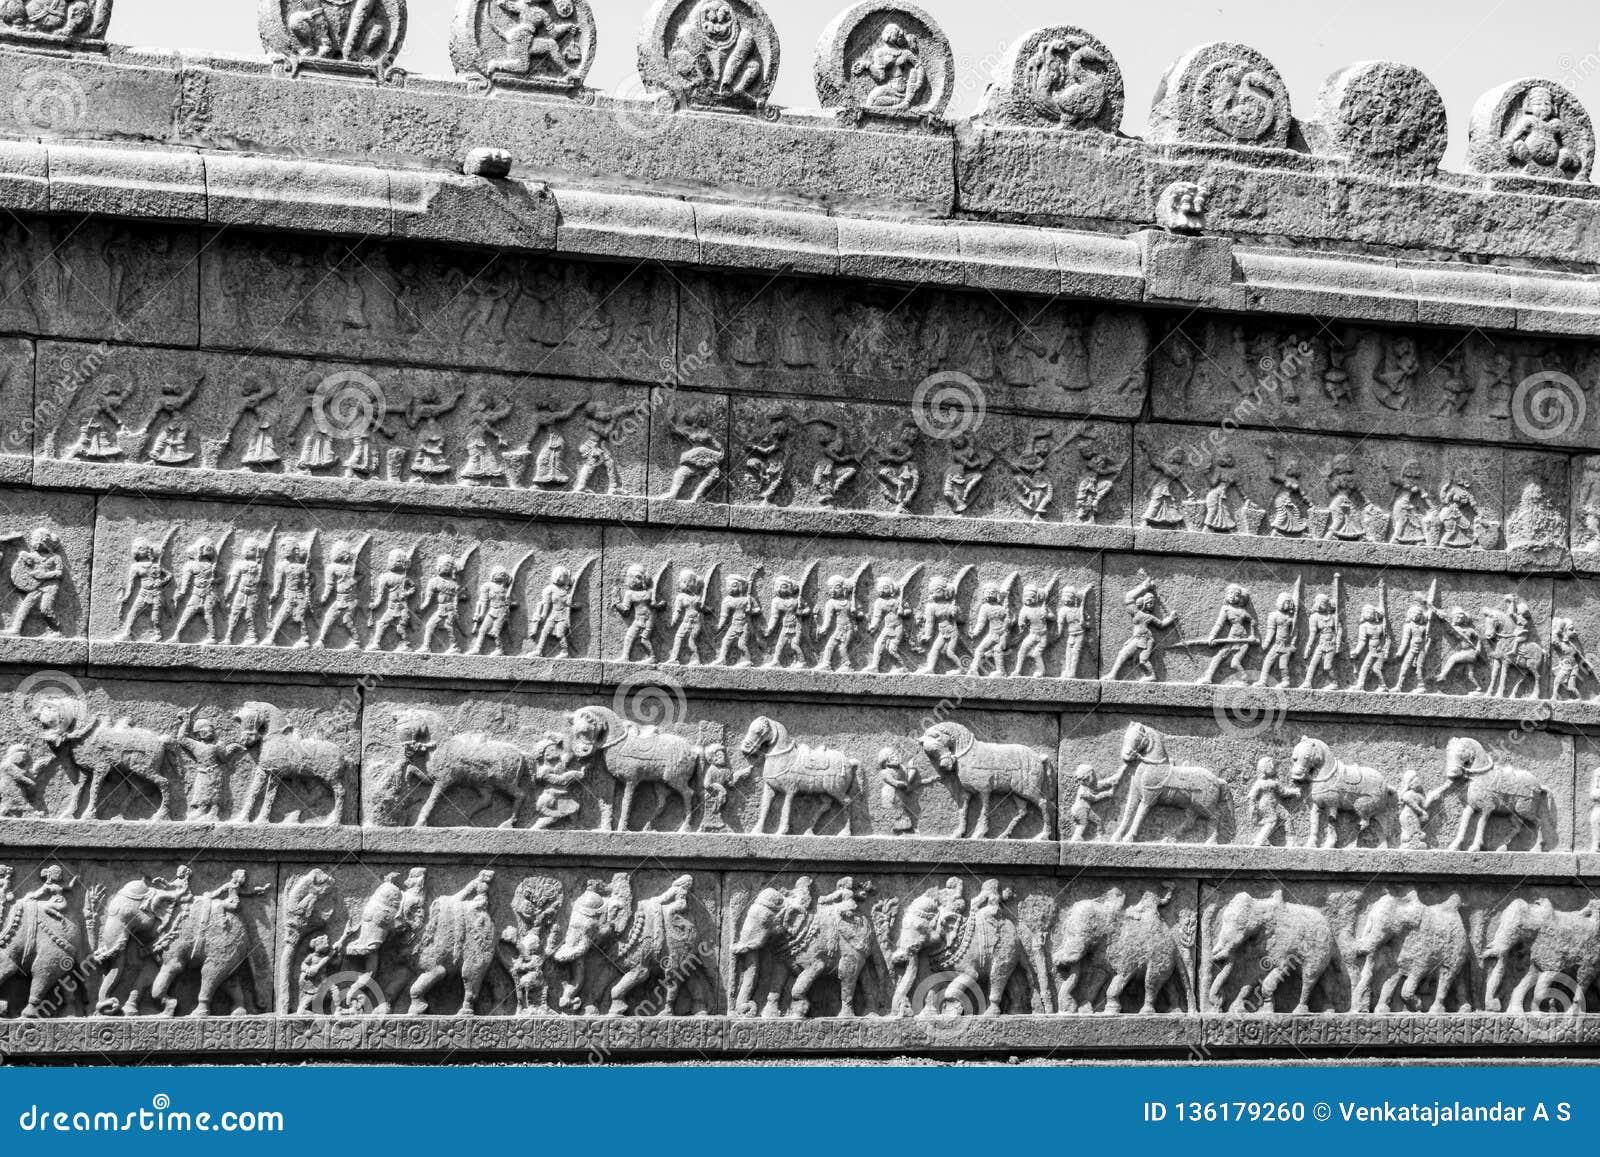 Skulptur-Wand aller vier bewaffneten Kräfte von altem Indien